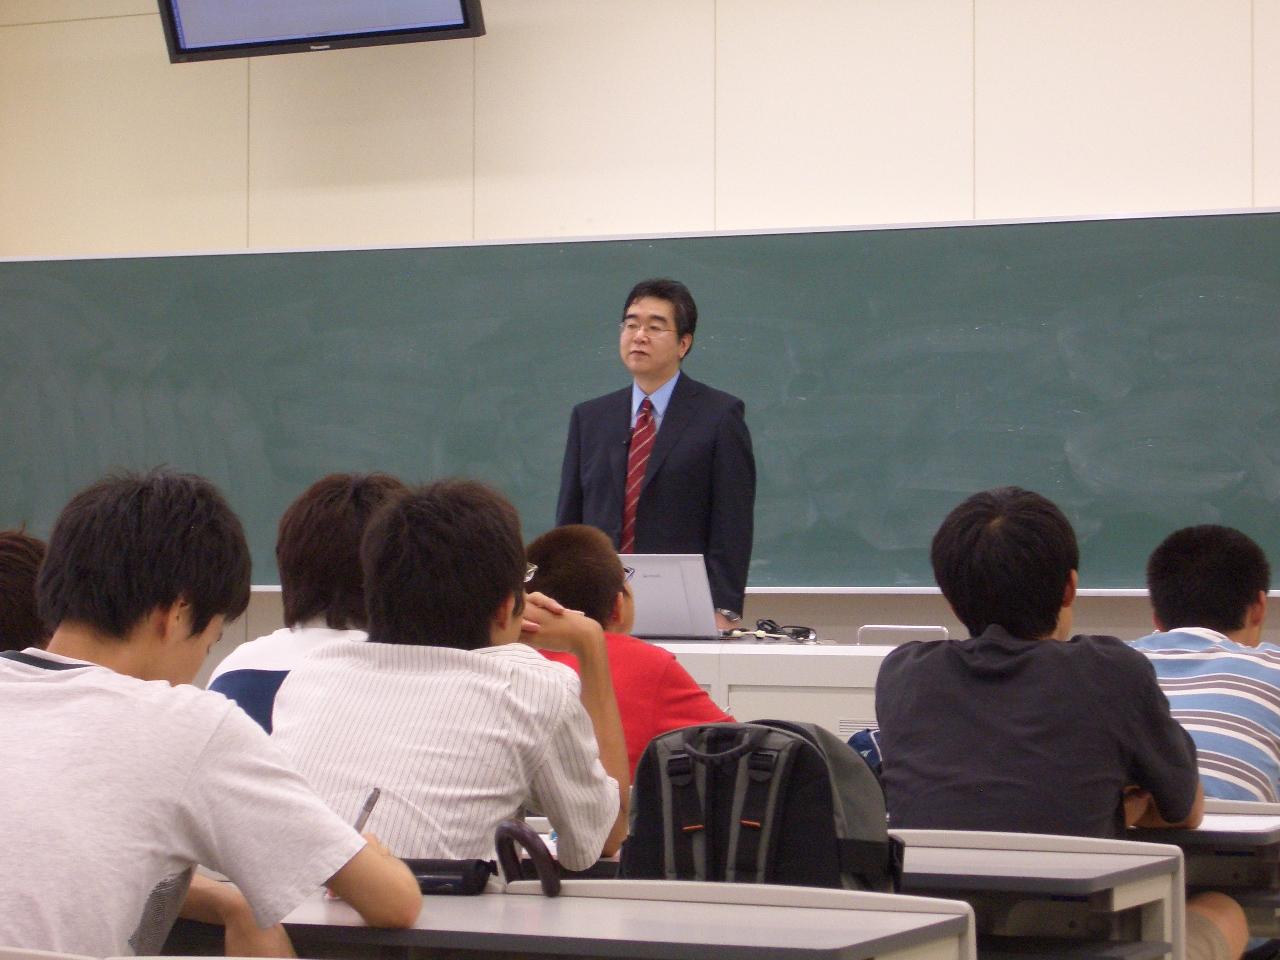 株式会社アイ・ビー・イー代表取締役社長 菅原仁氏